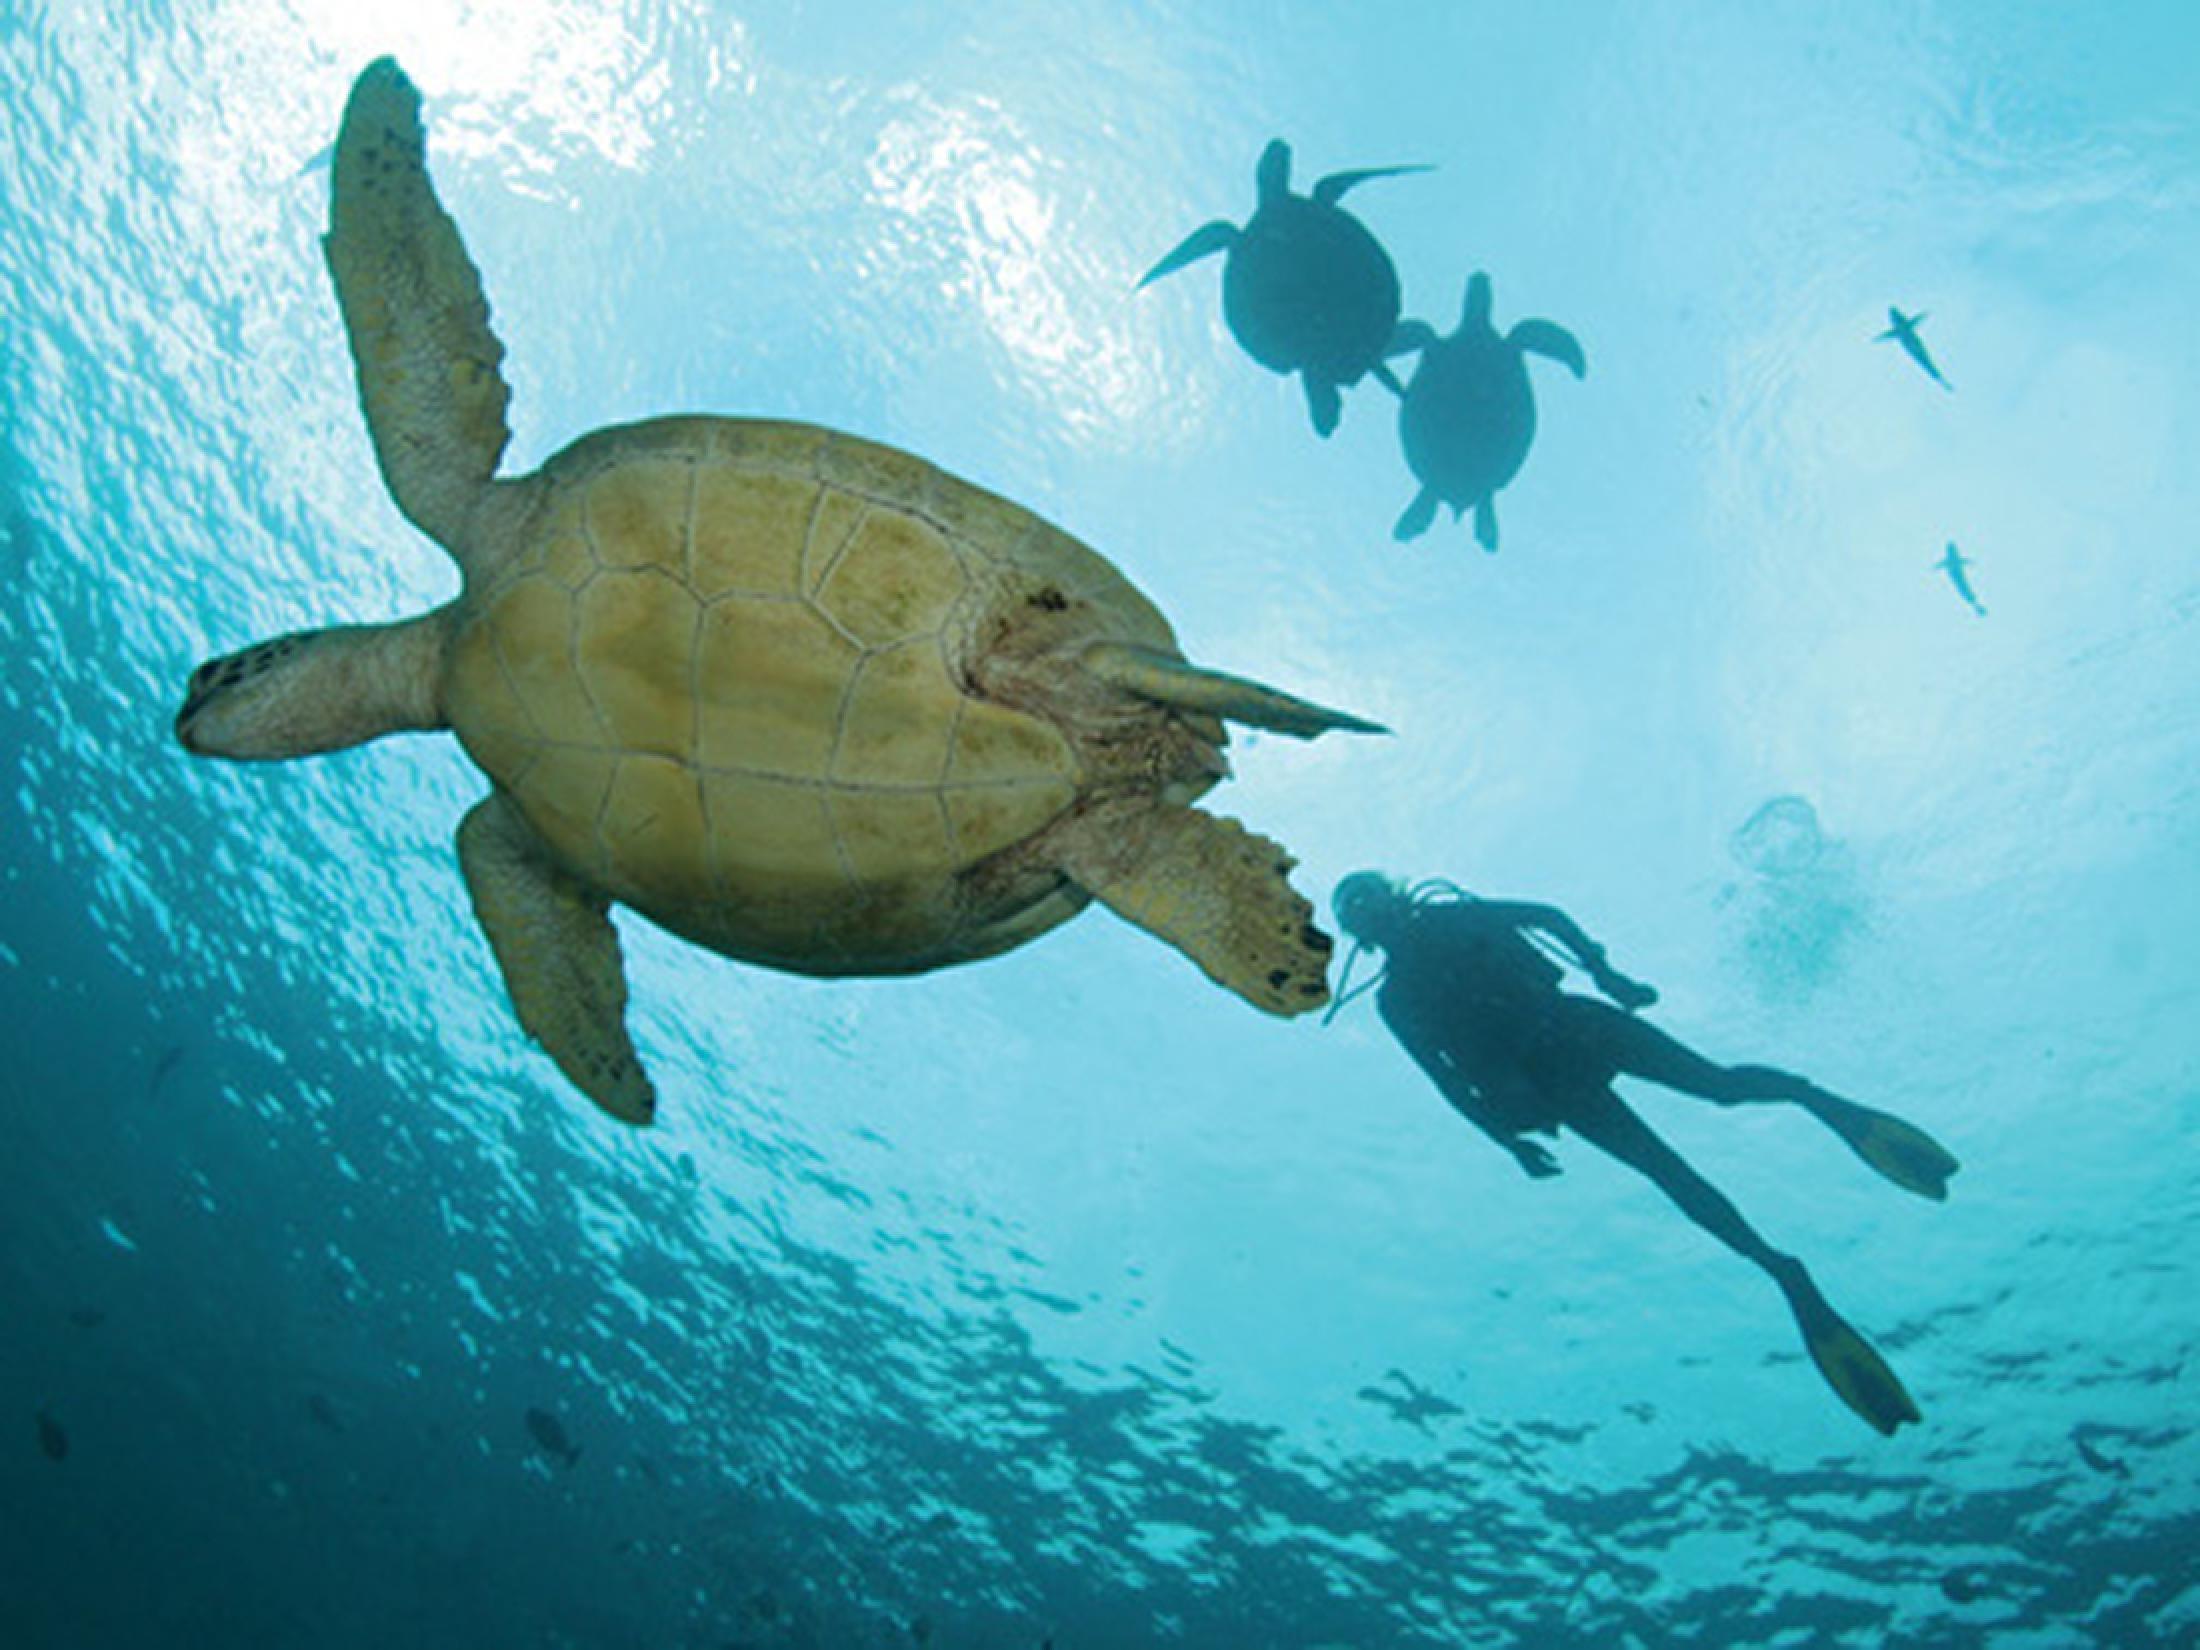 Two Oceans Scuba Diving Tour